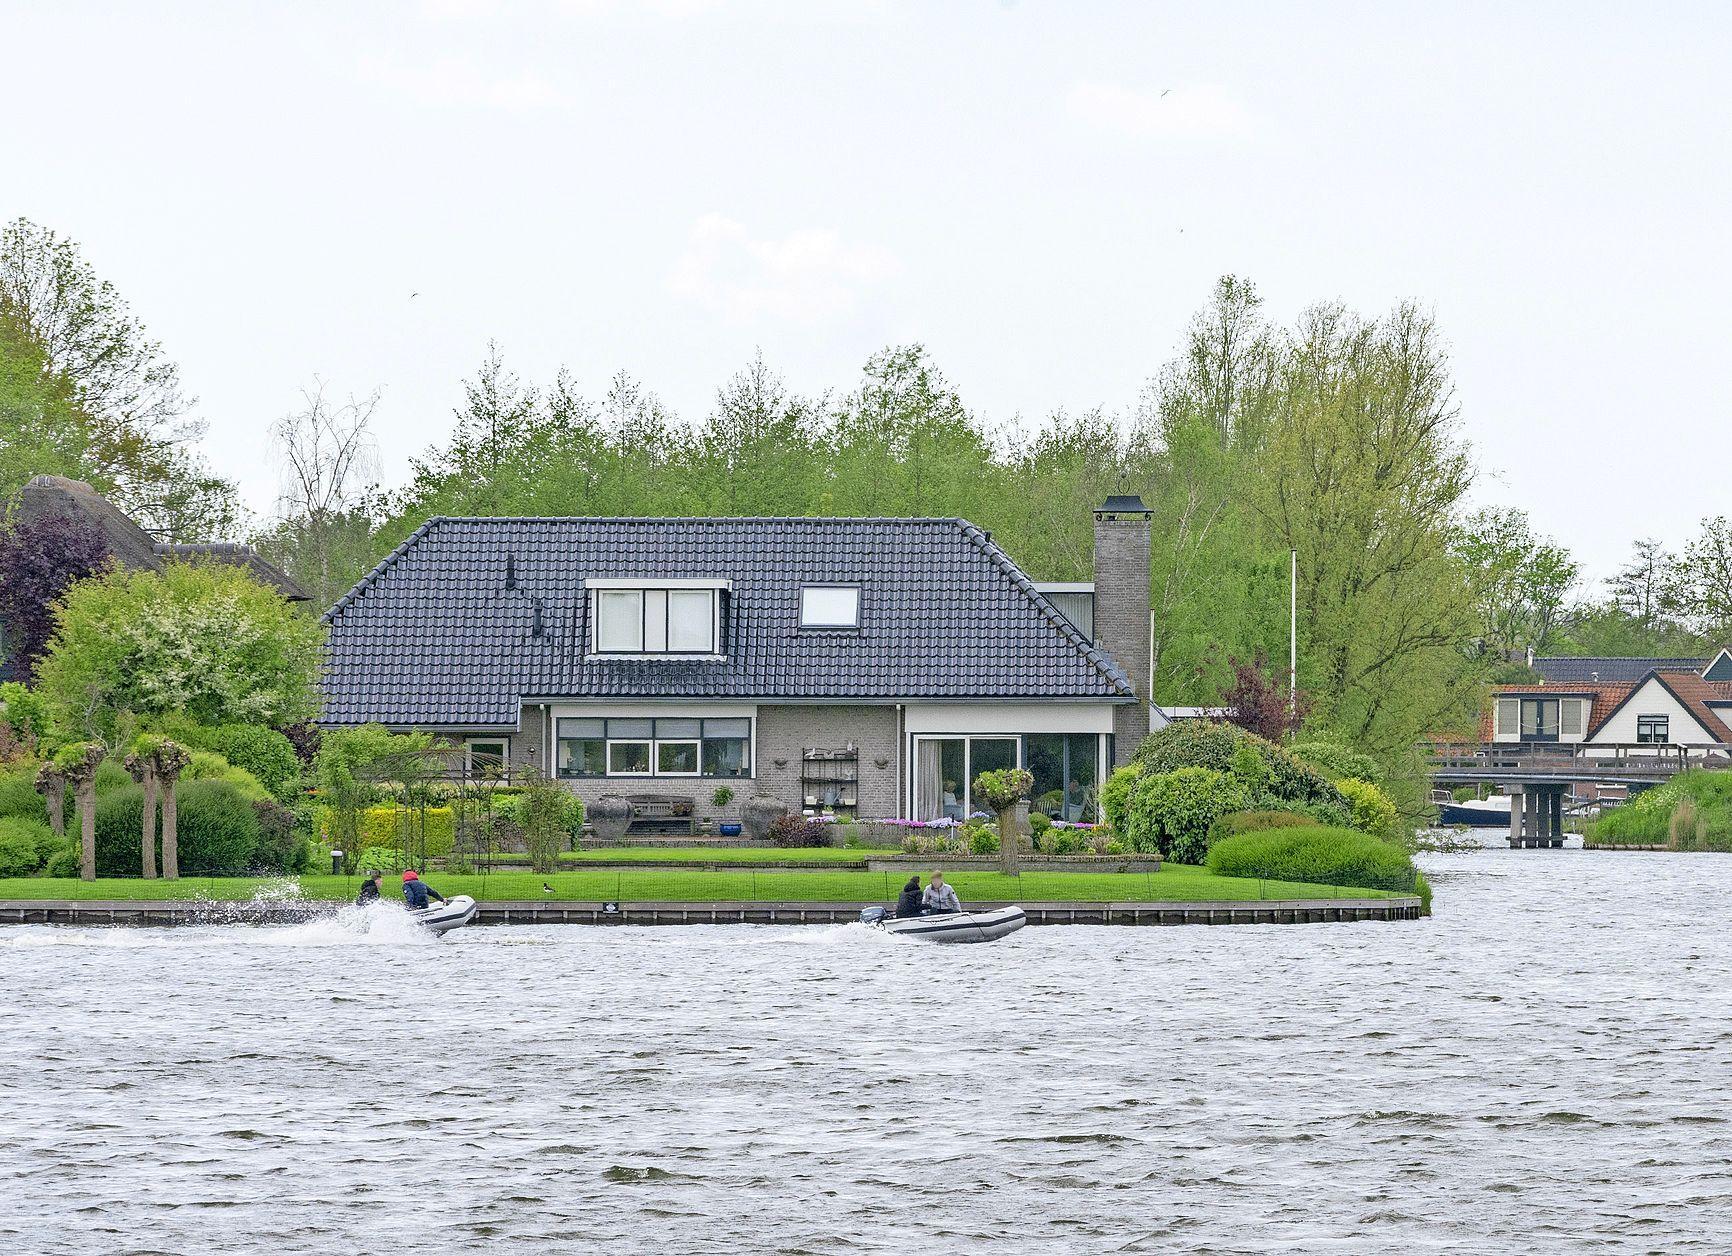 Booteigenaren Langedijk moeten hun vaartuig verplicht laten registreren, vanaf maandag. Maatregel om overlast terug te brengen